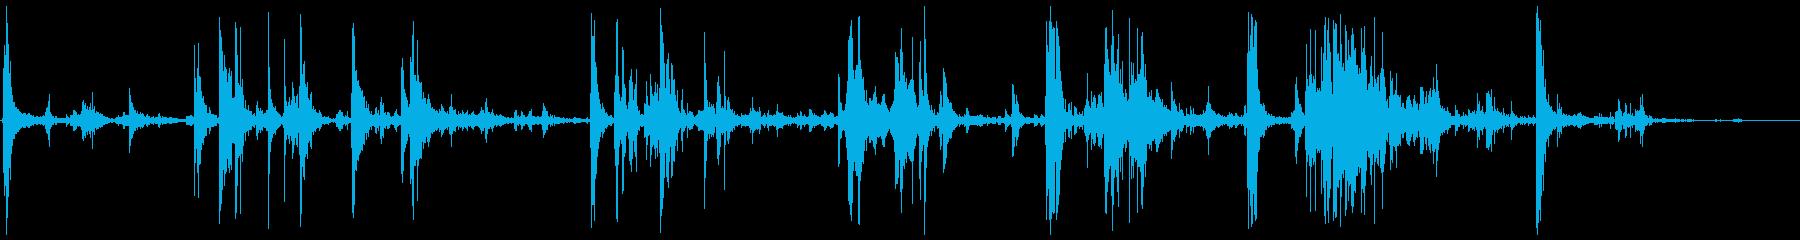 スモールウッドデブリスウッドヒットの再生済みの波形